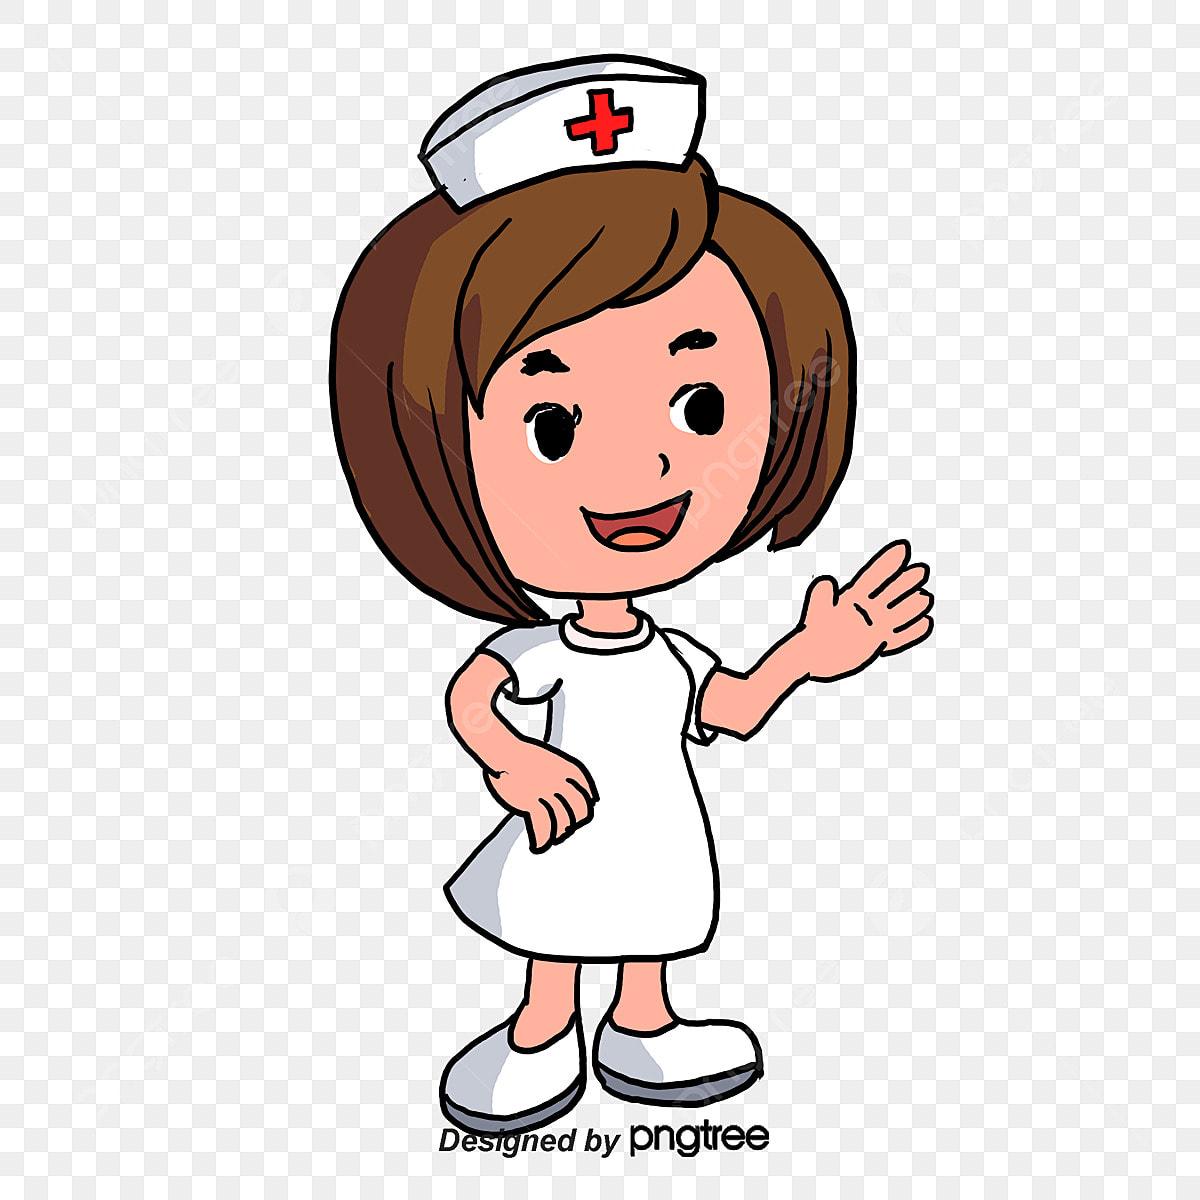 شخصيات كرتونية ممرضة فتاة مواد ديكور Png وملف Psd للتحميل مجانا